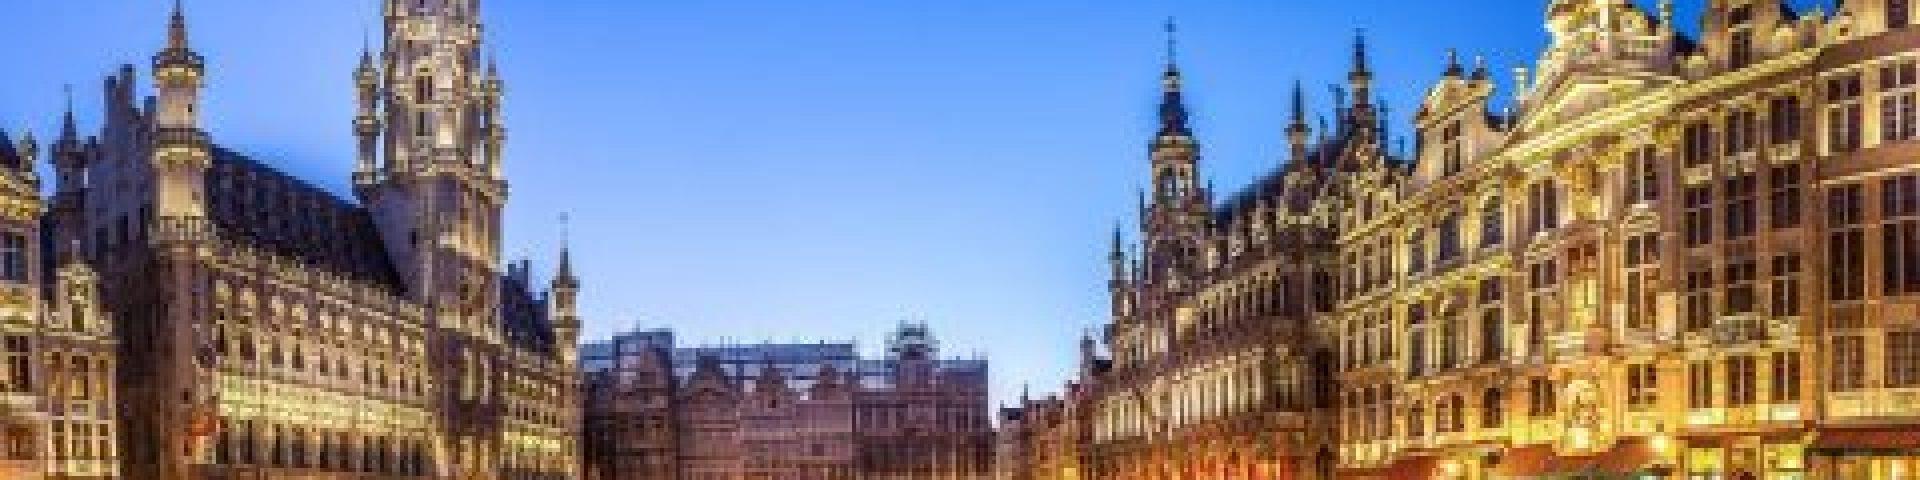 Авиабилеты в Брюссель: выбираем самые удобные рейсы